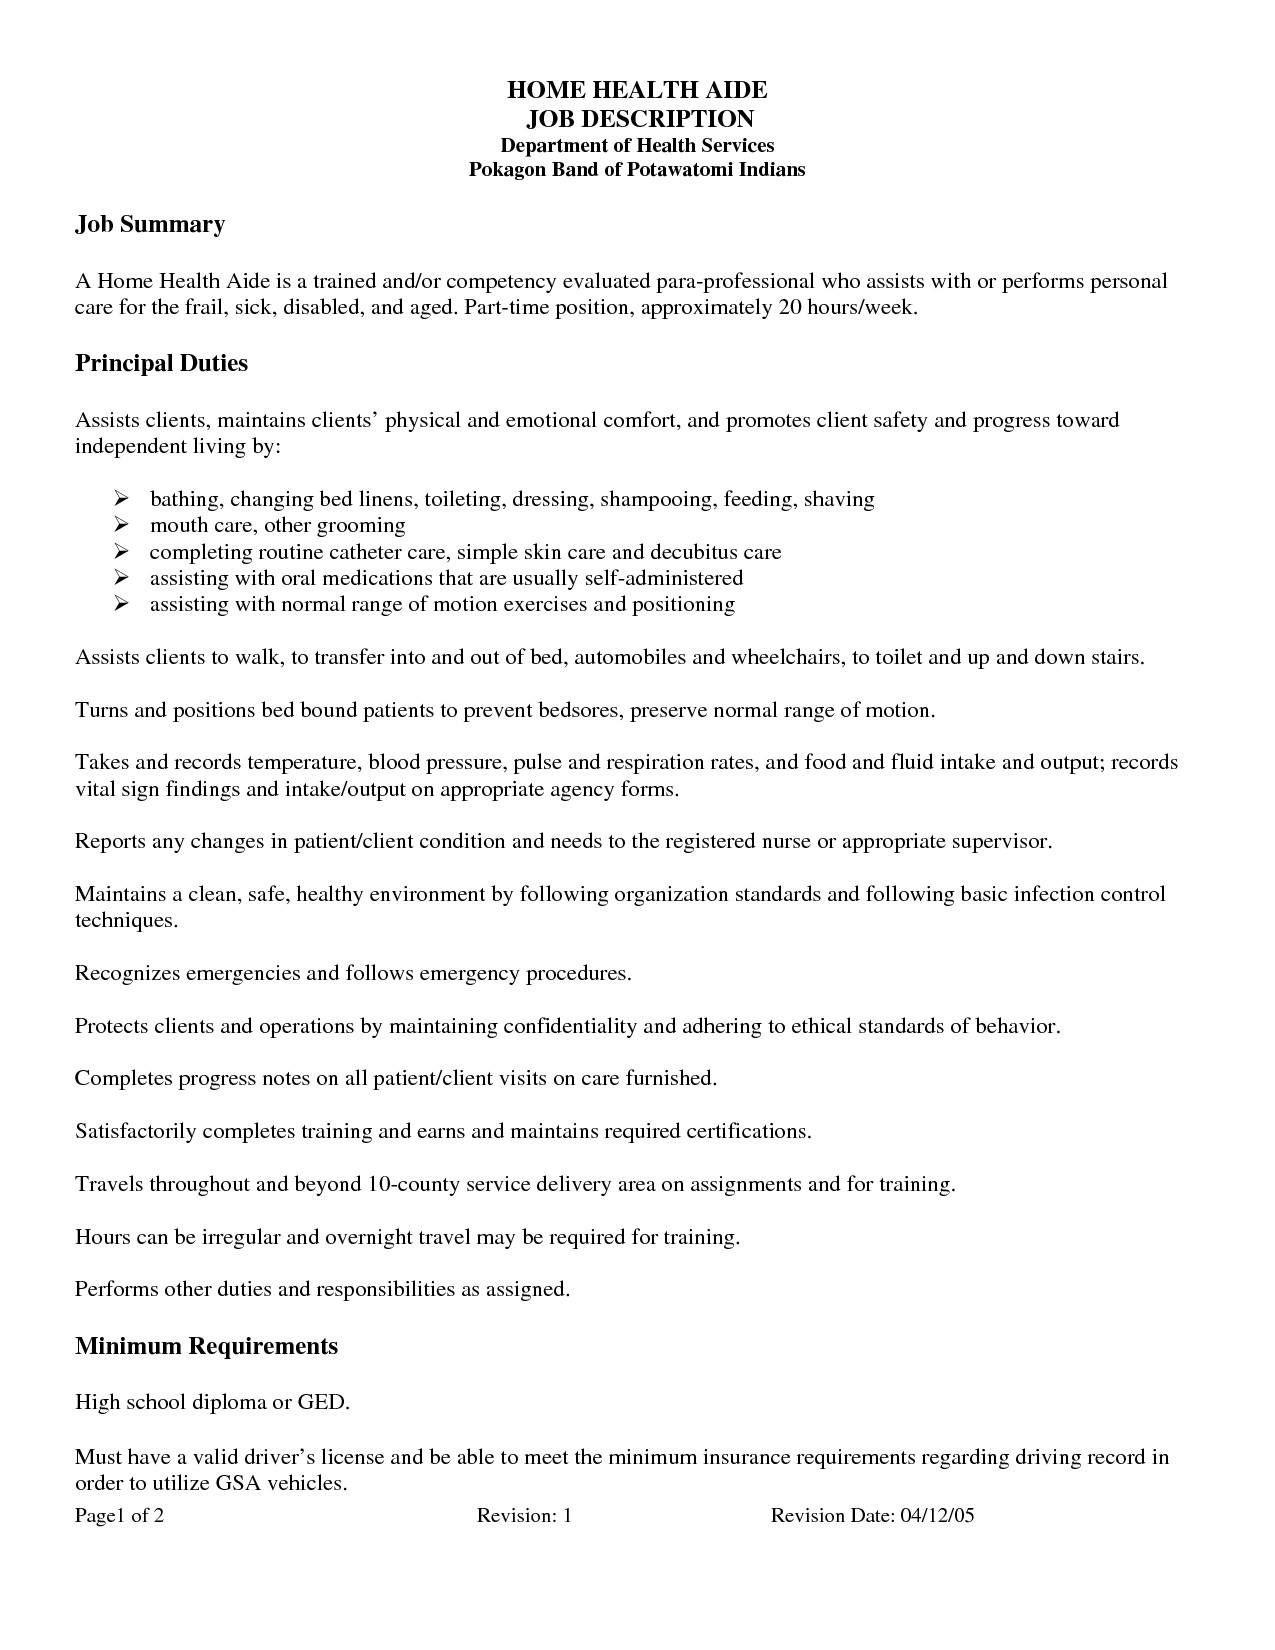 home health care job duties